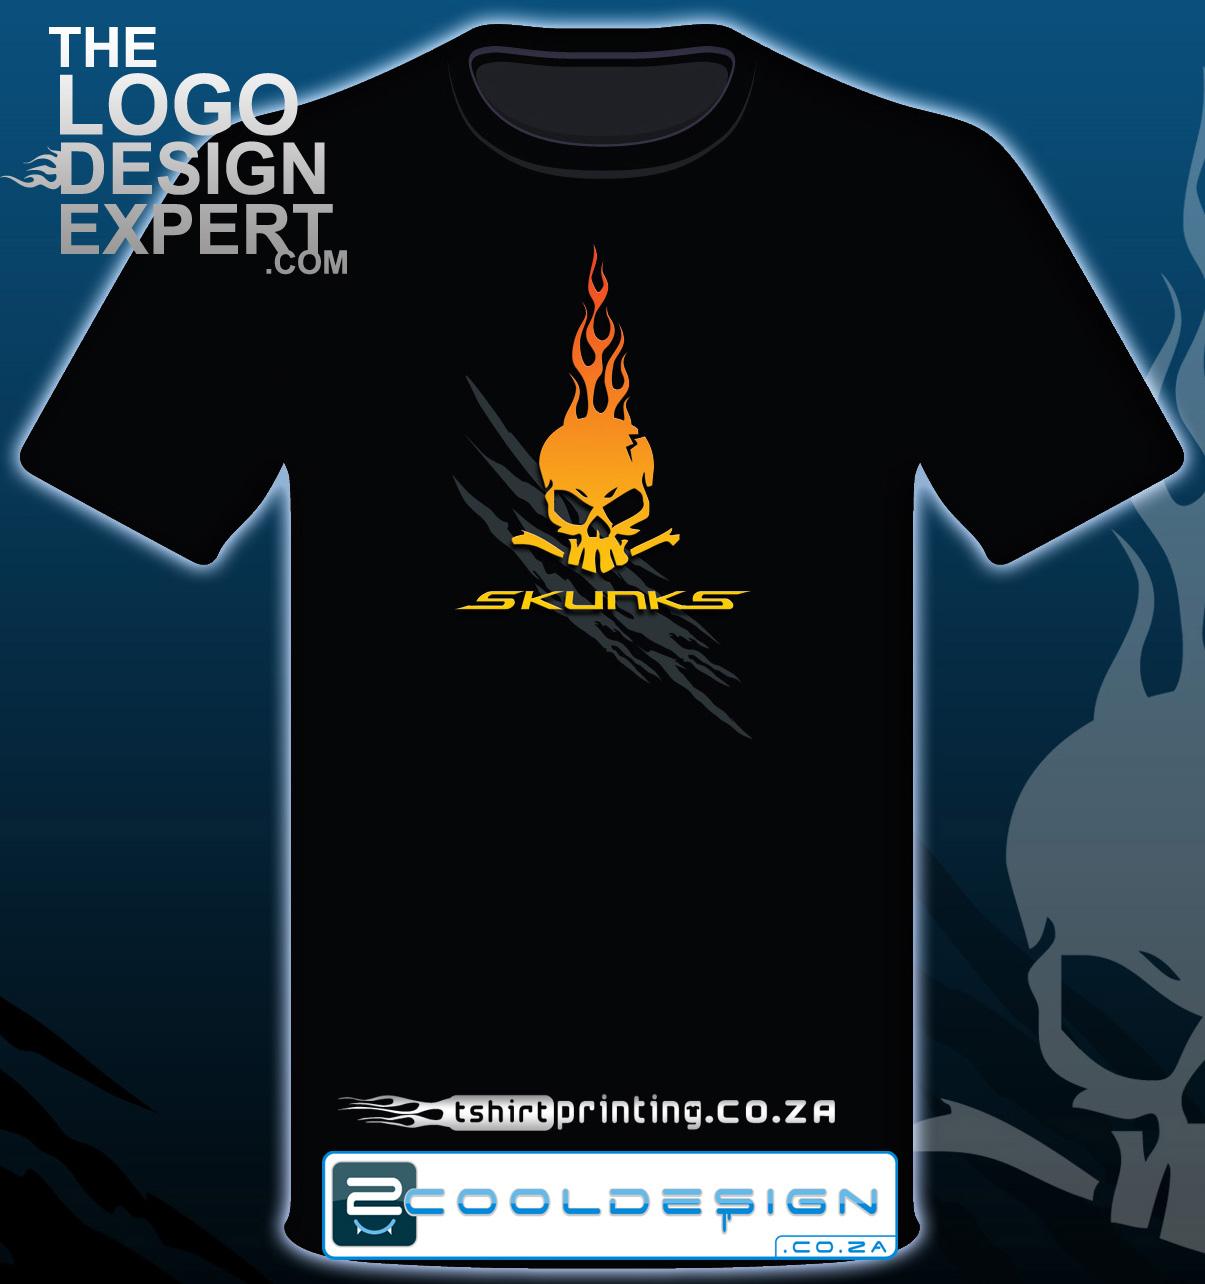 Cool biker skull t shirt design by guy tasker 2cooldesign for T shirt design and printing online